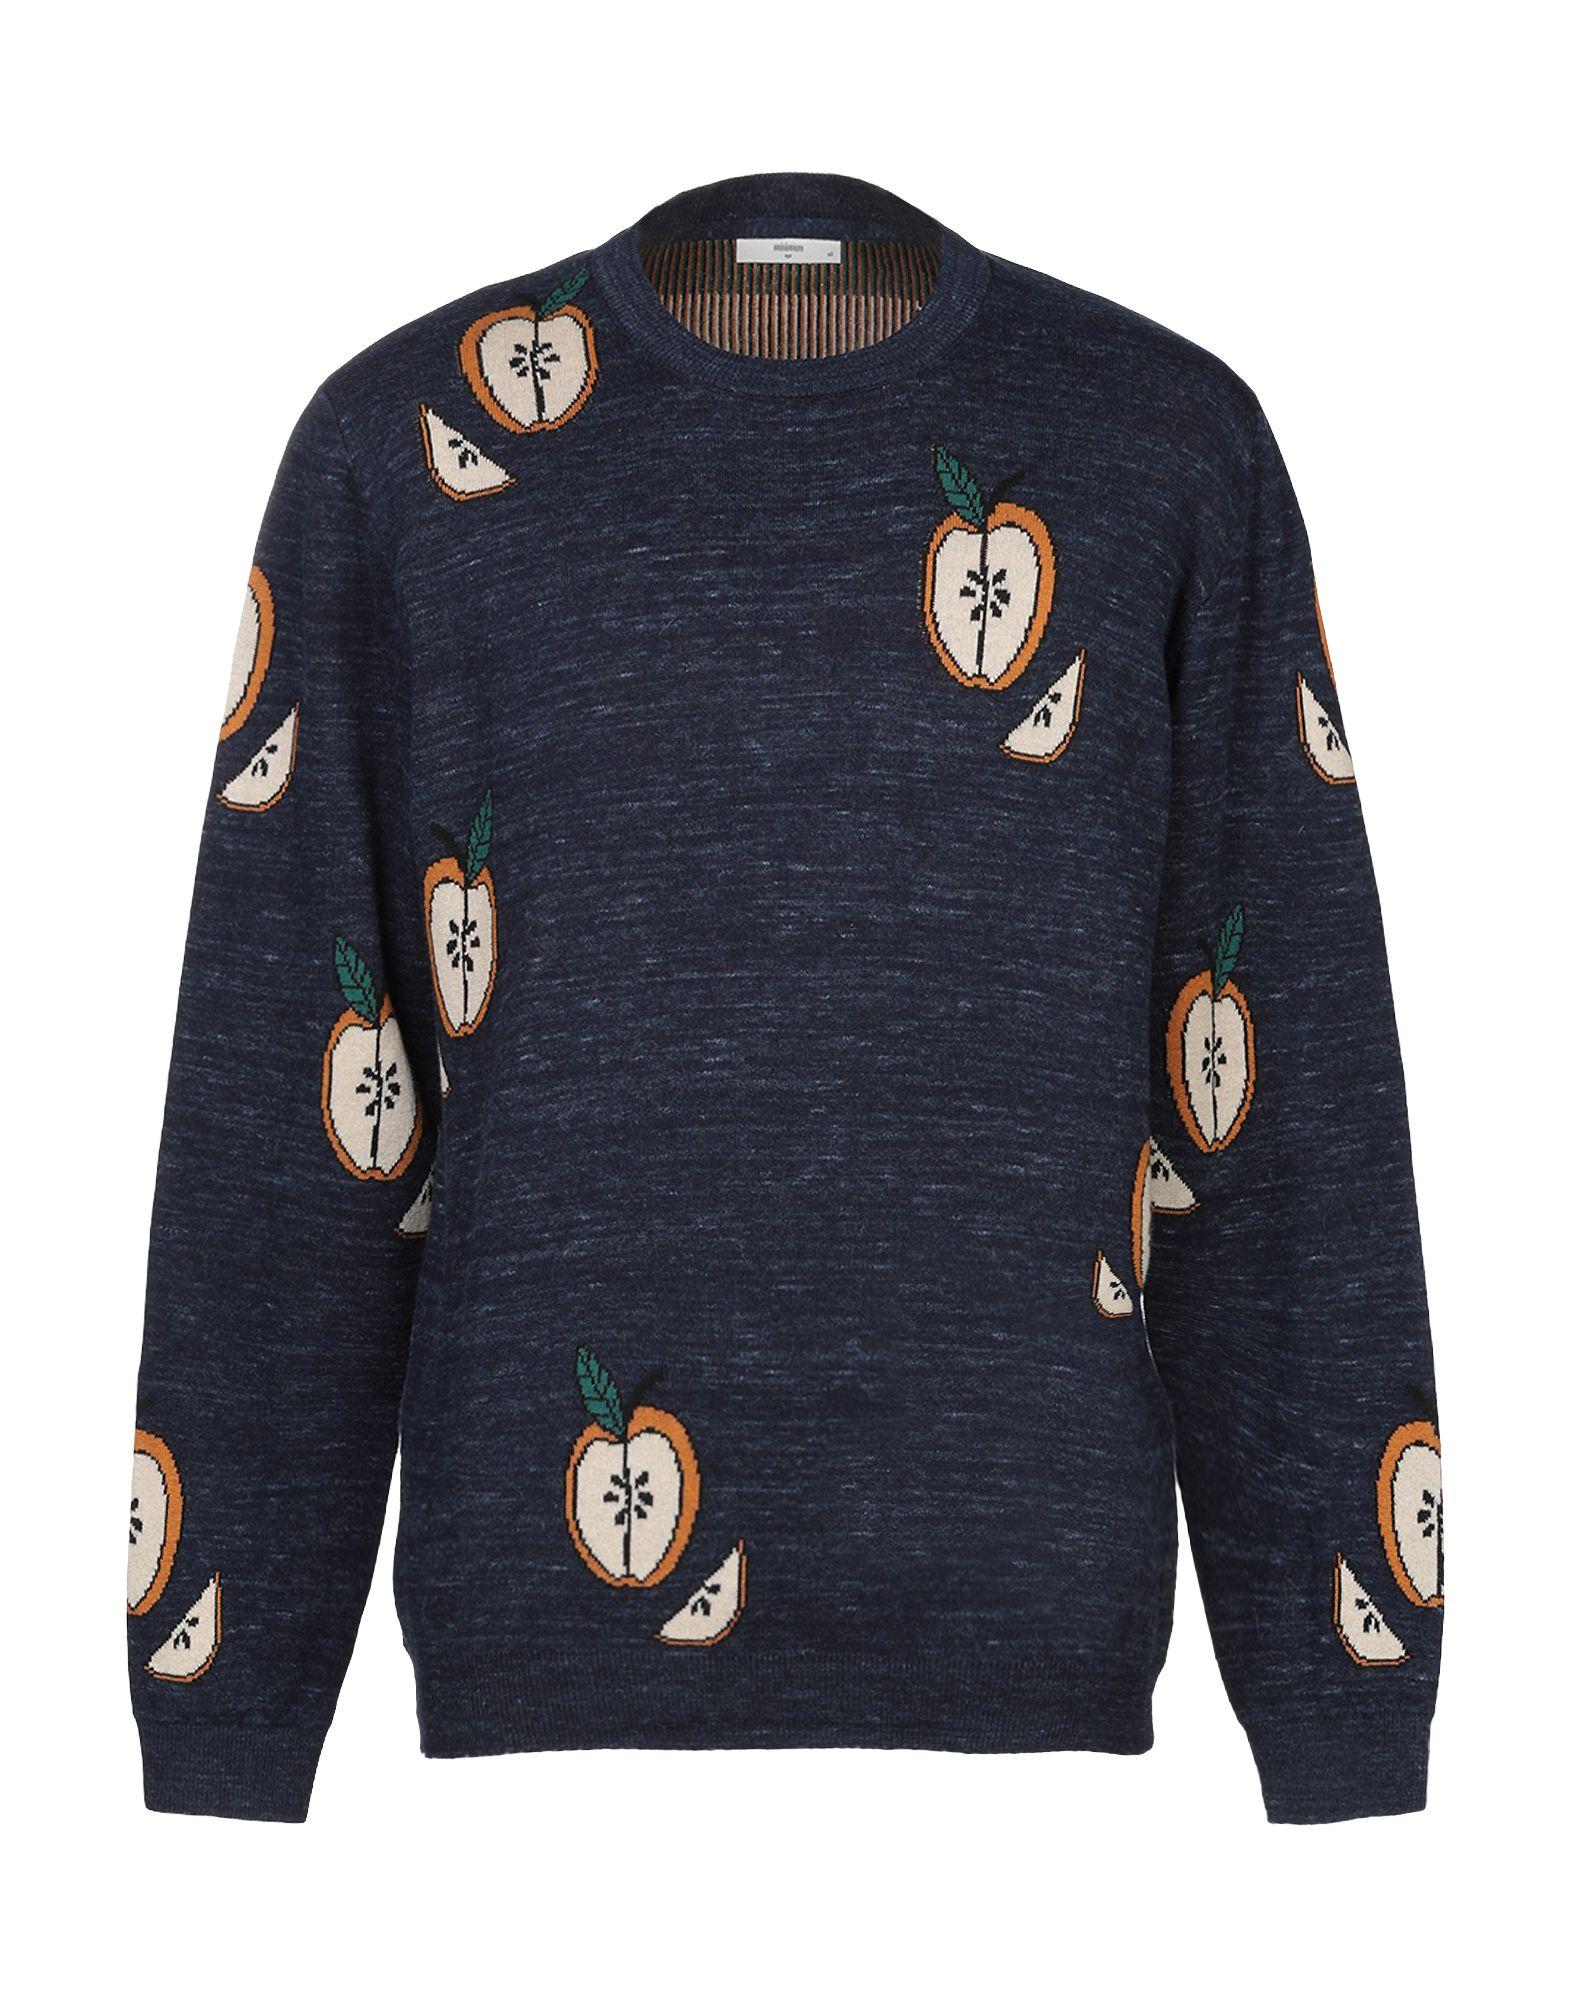 MINIMUM Sweaters - Item 39986376